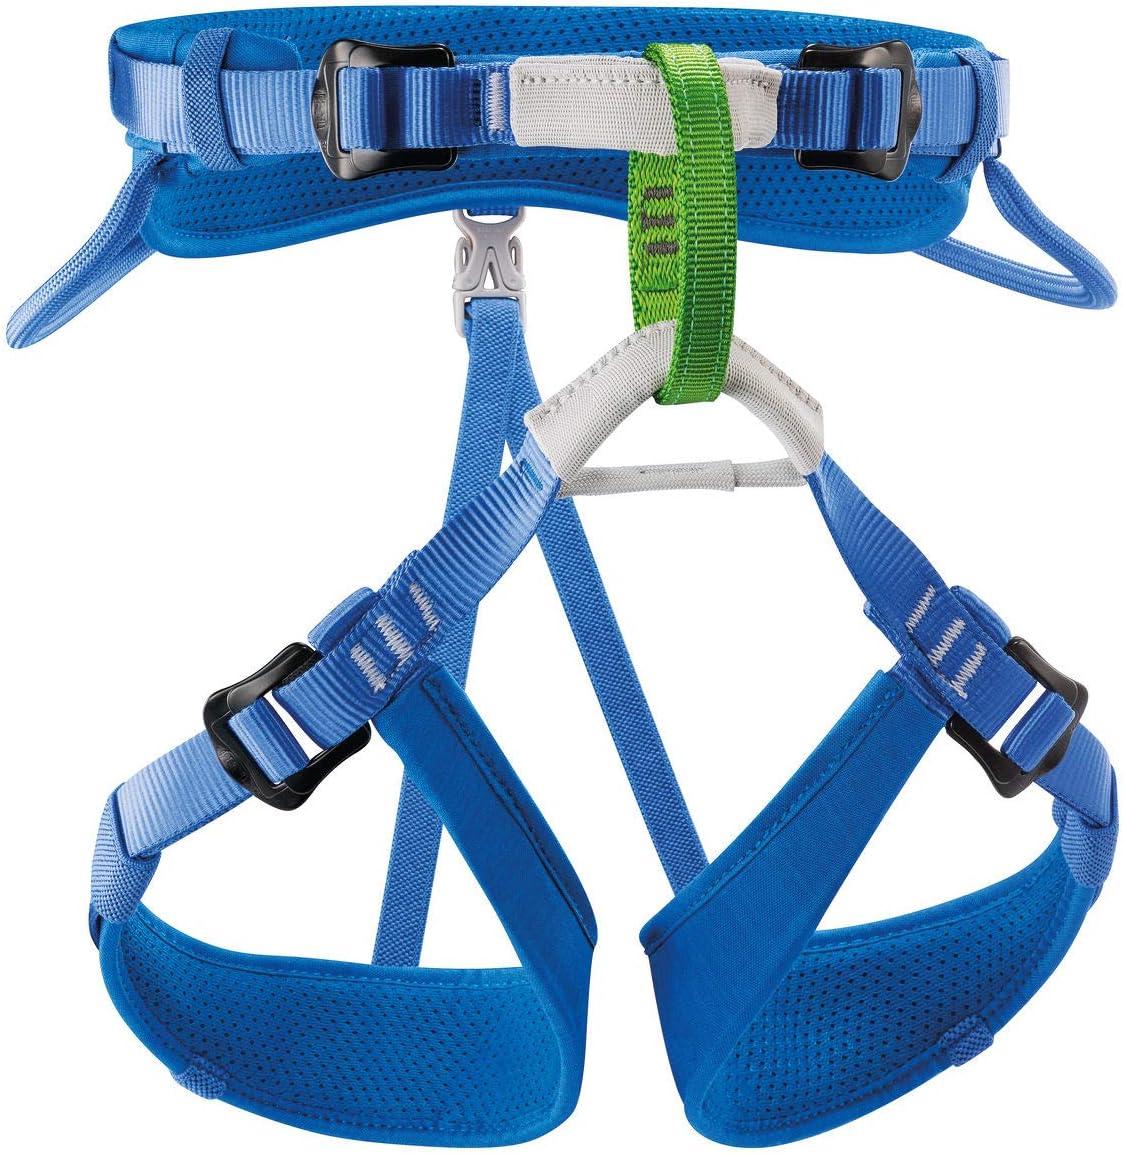 Petzl-Kids'-Climbing-Harness